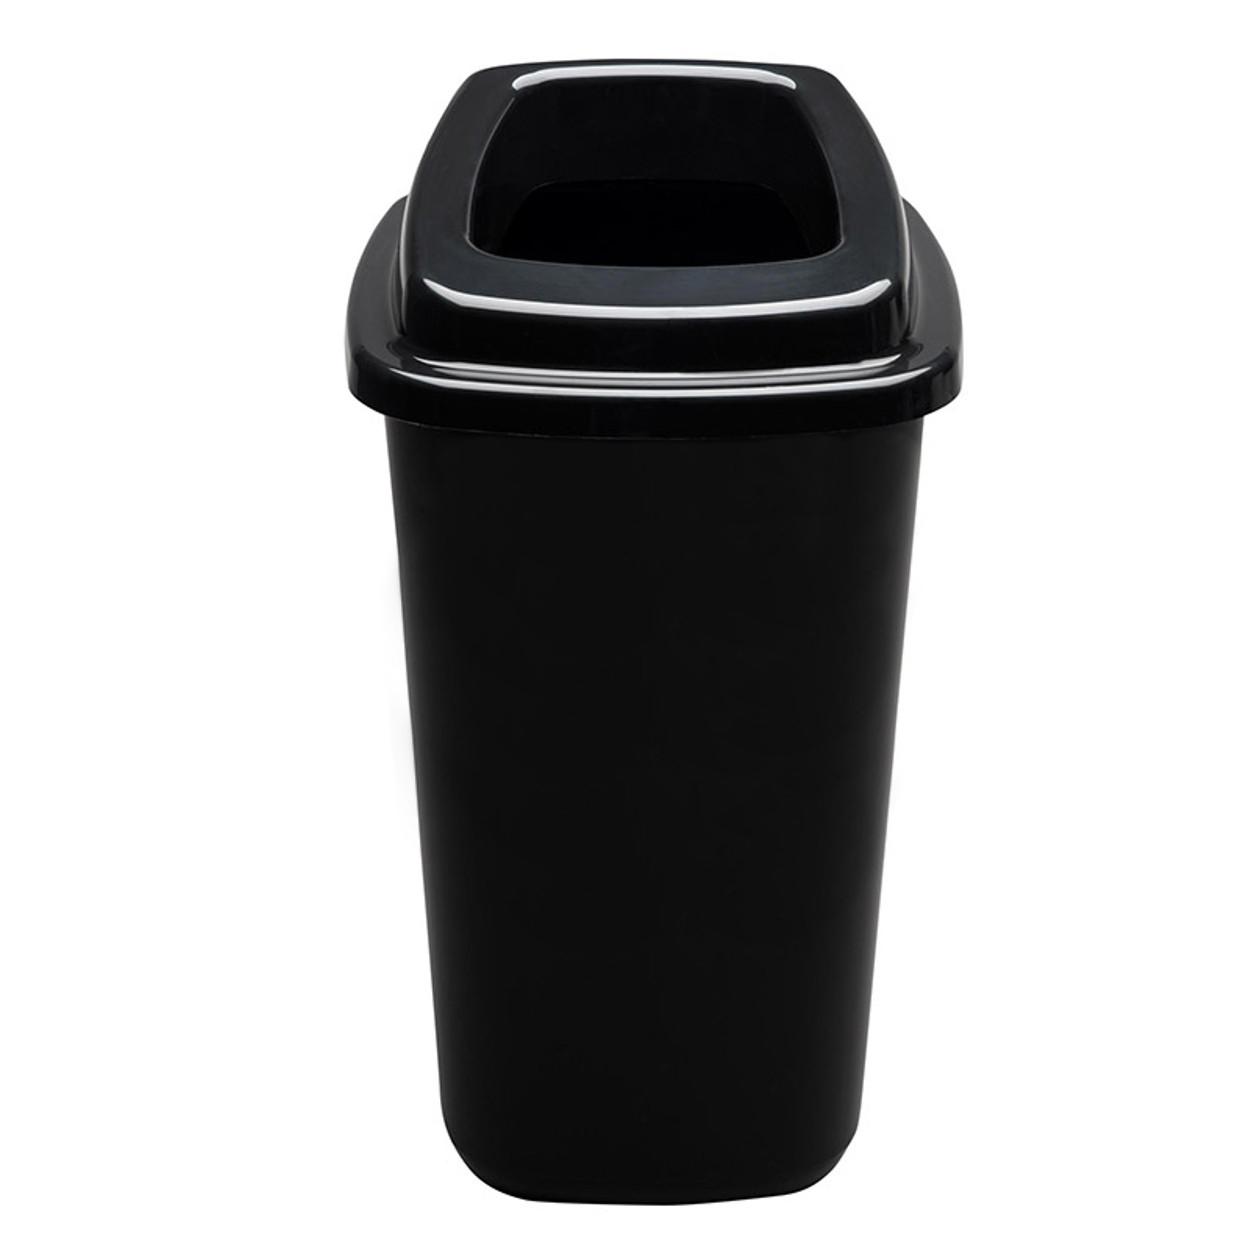 Plastikowy kosz do segregacji śmieci, 90 l, czarny